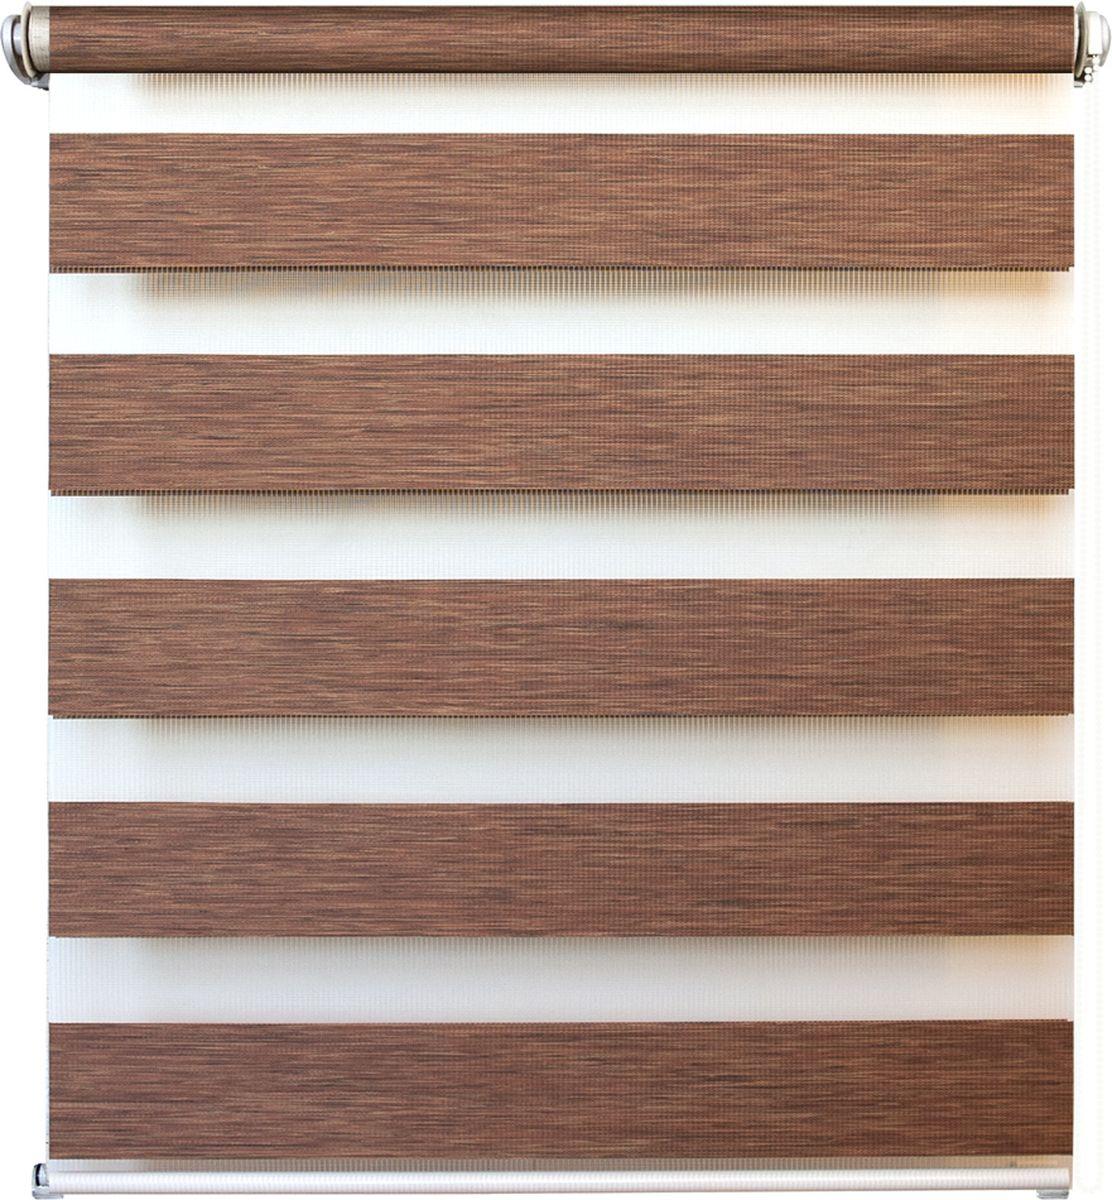 Штора рулонная день/ночь Уют Канзас, цвет: коричневый, 140 х 160 см62.РШТО.8922.140х160Штора рулонная день/ночь Уют Канзас выполнена из прочного полиэстера, в котором чередуются полосы различной плотности и фактуры. Управление двойным слоем ткани с помощью цепочки позволяет регулировать степень светопроницаемости шторы. Если совпали плотные полосы, то прозрачные будут открыты максимально. Это положение шторы называется День. Максимальное затемнение помещения достигается при полном совпадении полос разных фактур. Это положение шторы называется Ночь. Конструкция шторы также позволяет полностью свернуть полотно, обеспечив максимальное открытие окна. Рулонная штора - это разновидность штор, которая закрывает не весь оконный проем, а непосредственно само стекло. Такая штора очень компактна, что помогает сэкономить пространство. Универсальная конструкция позволяет монтировать штору на стену, потолок, деревянные или пластиковые рамы окон. В комплект входят кронштейны и нижний утяжелитель. Возможна установка с управлением цепочкой как справа, так и...